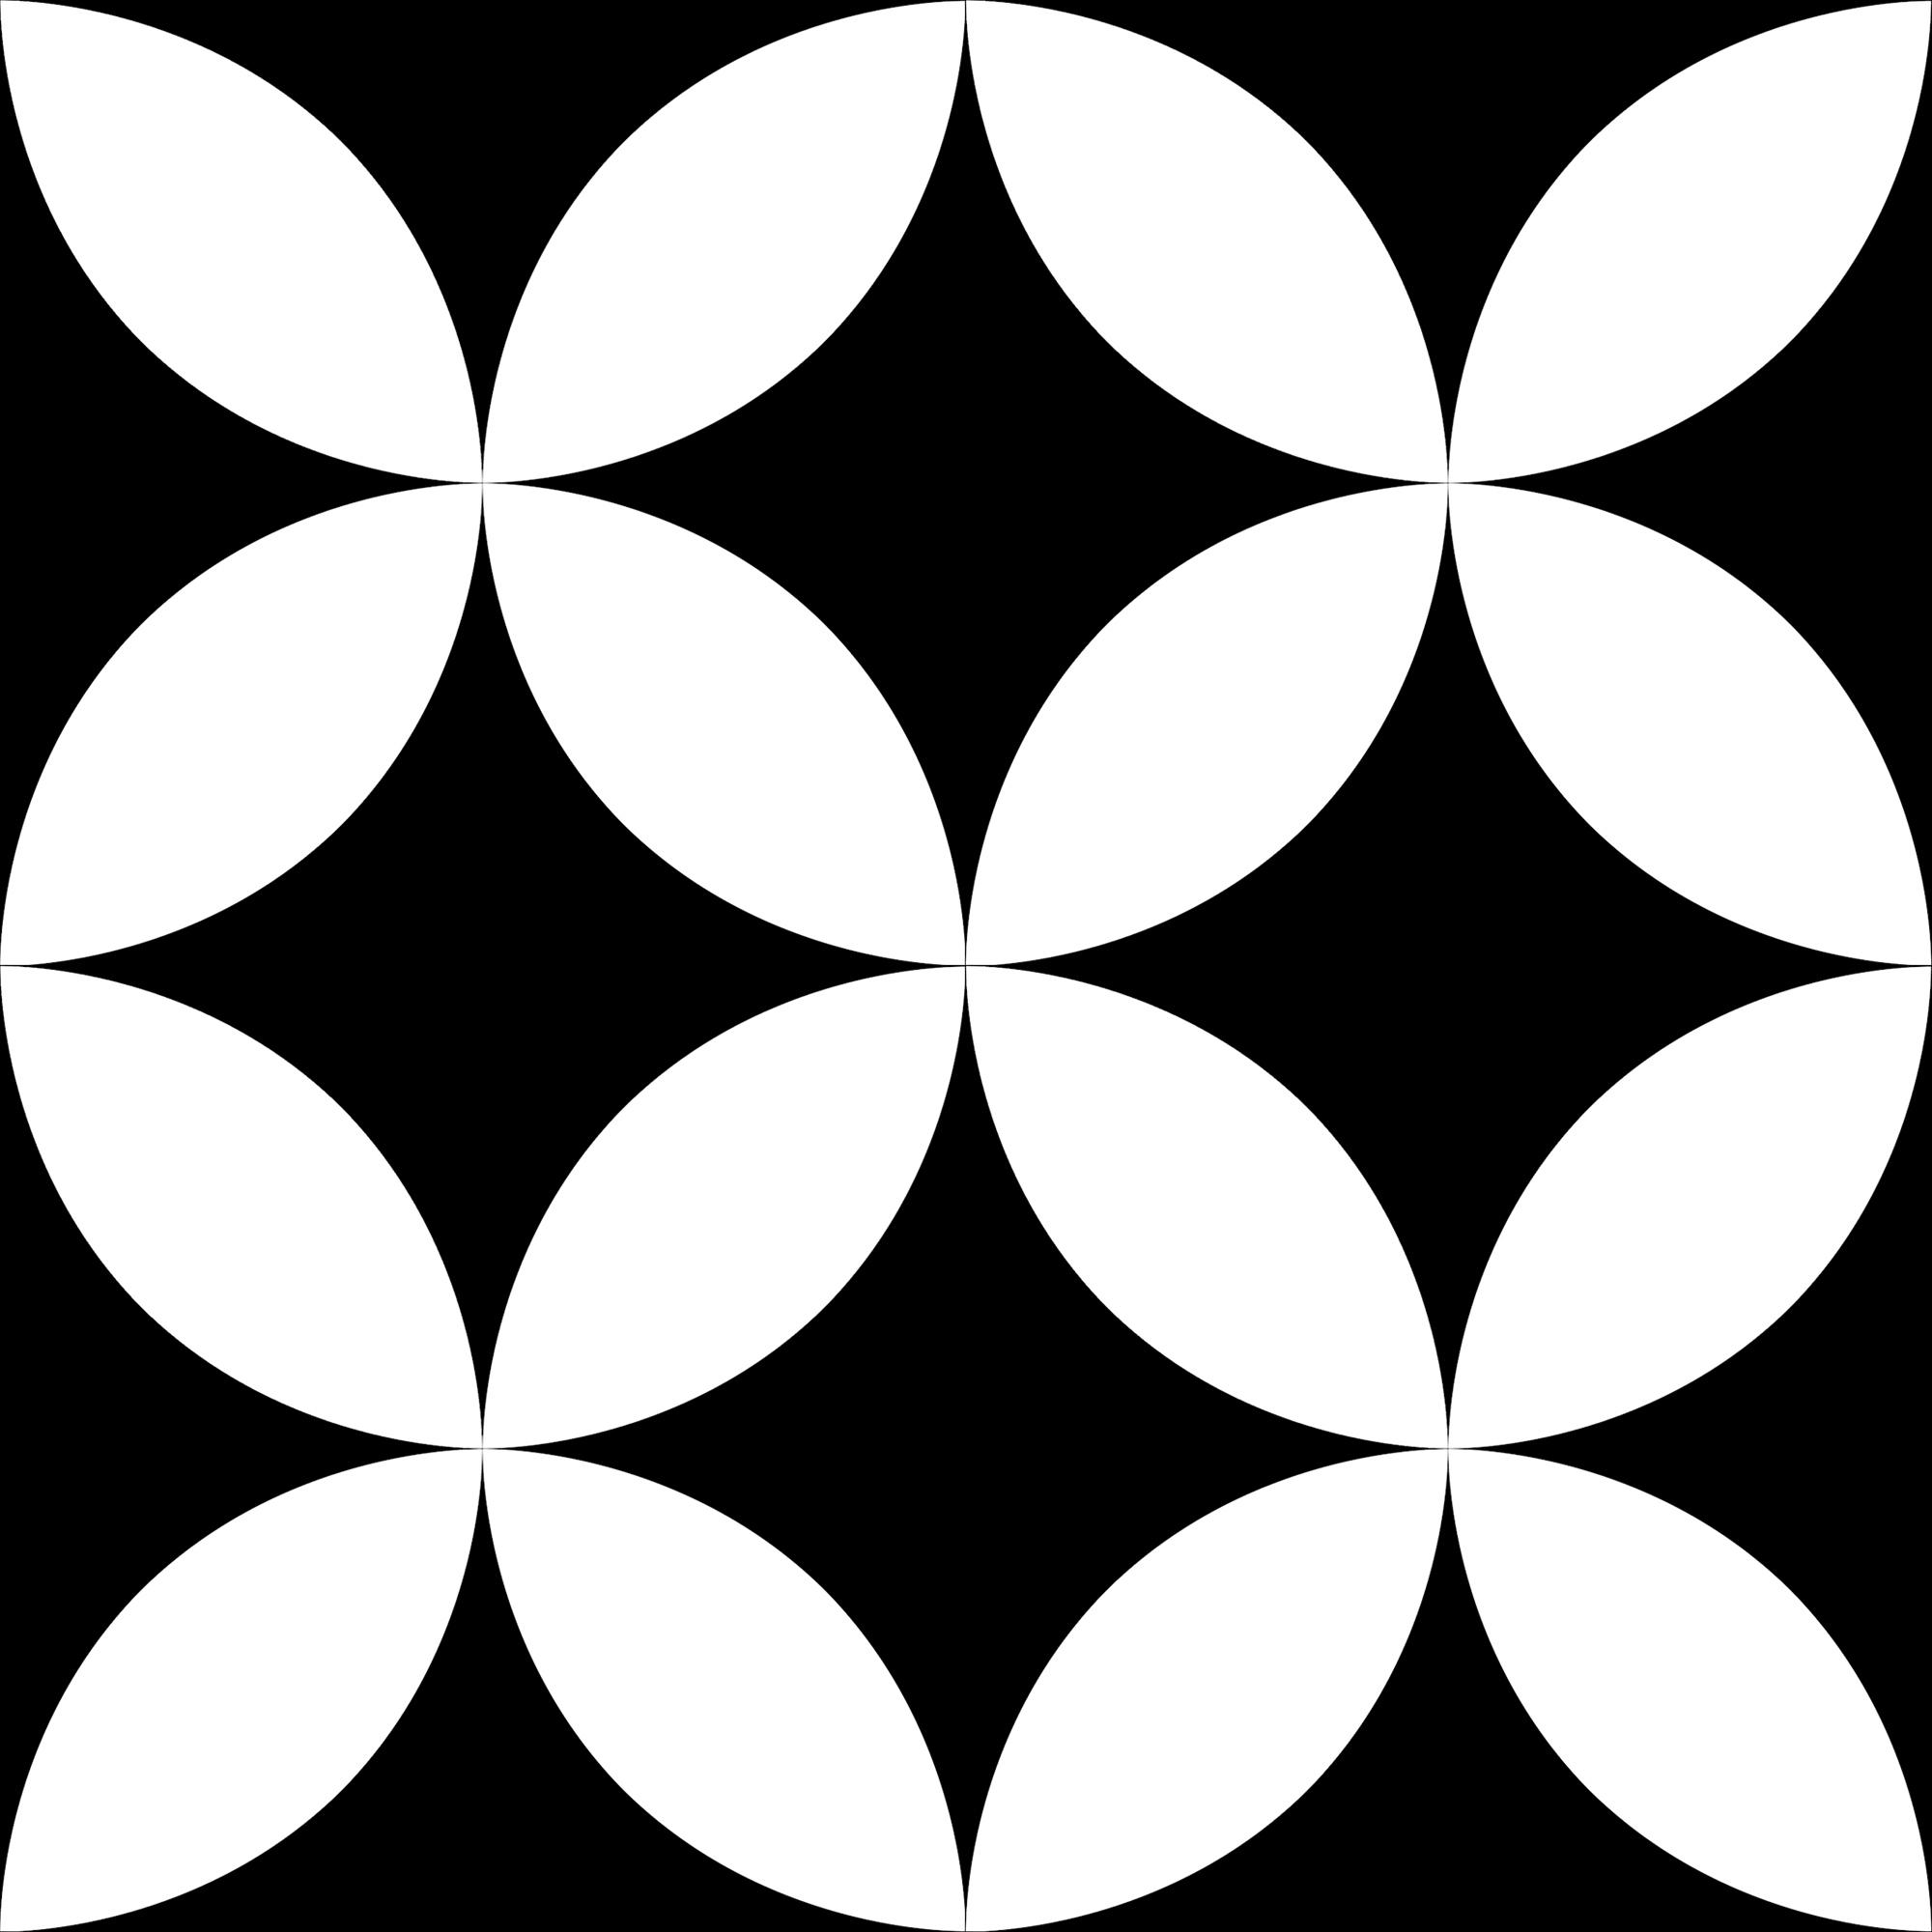 K94845300001VTE0, Retromix, Valkoinen, lattia,pakkasenkesto,uimahalli